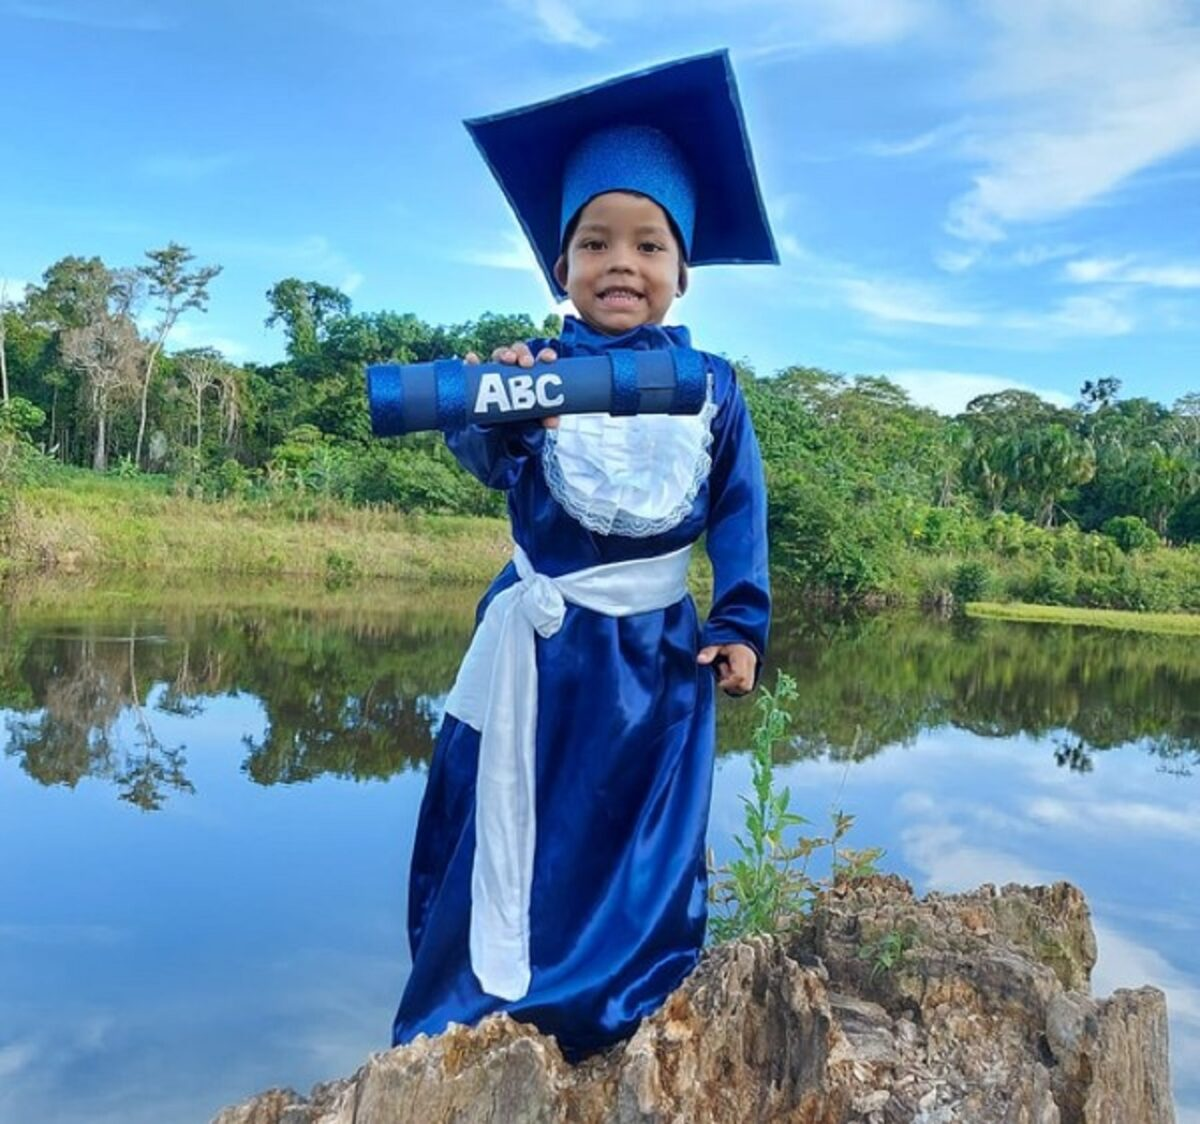 Confira esta linda sessao de fotos que marca a alfabetizacao de criancas ribeirinhas no Amazonas 5